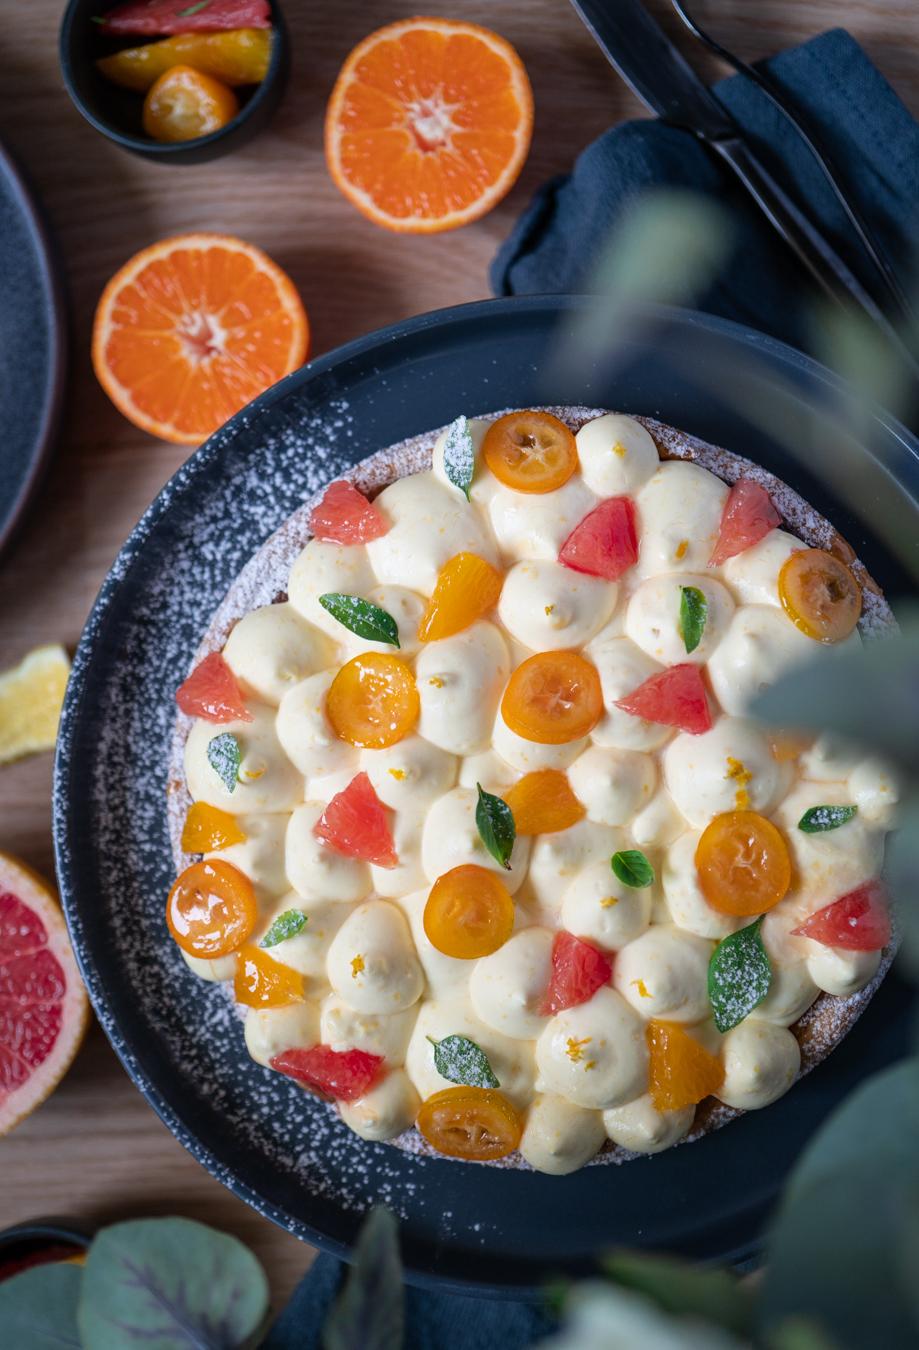 Tarte au citron, pâte feuilletée façon Arlette et crème d'amande au citron